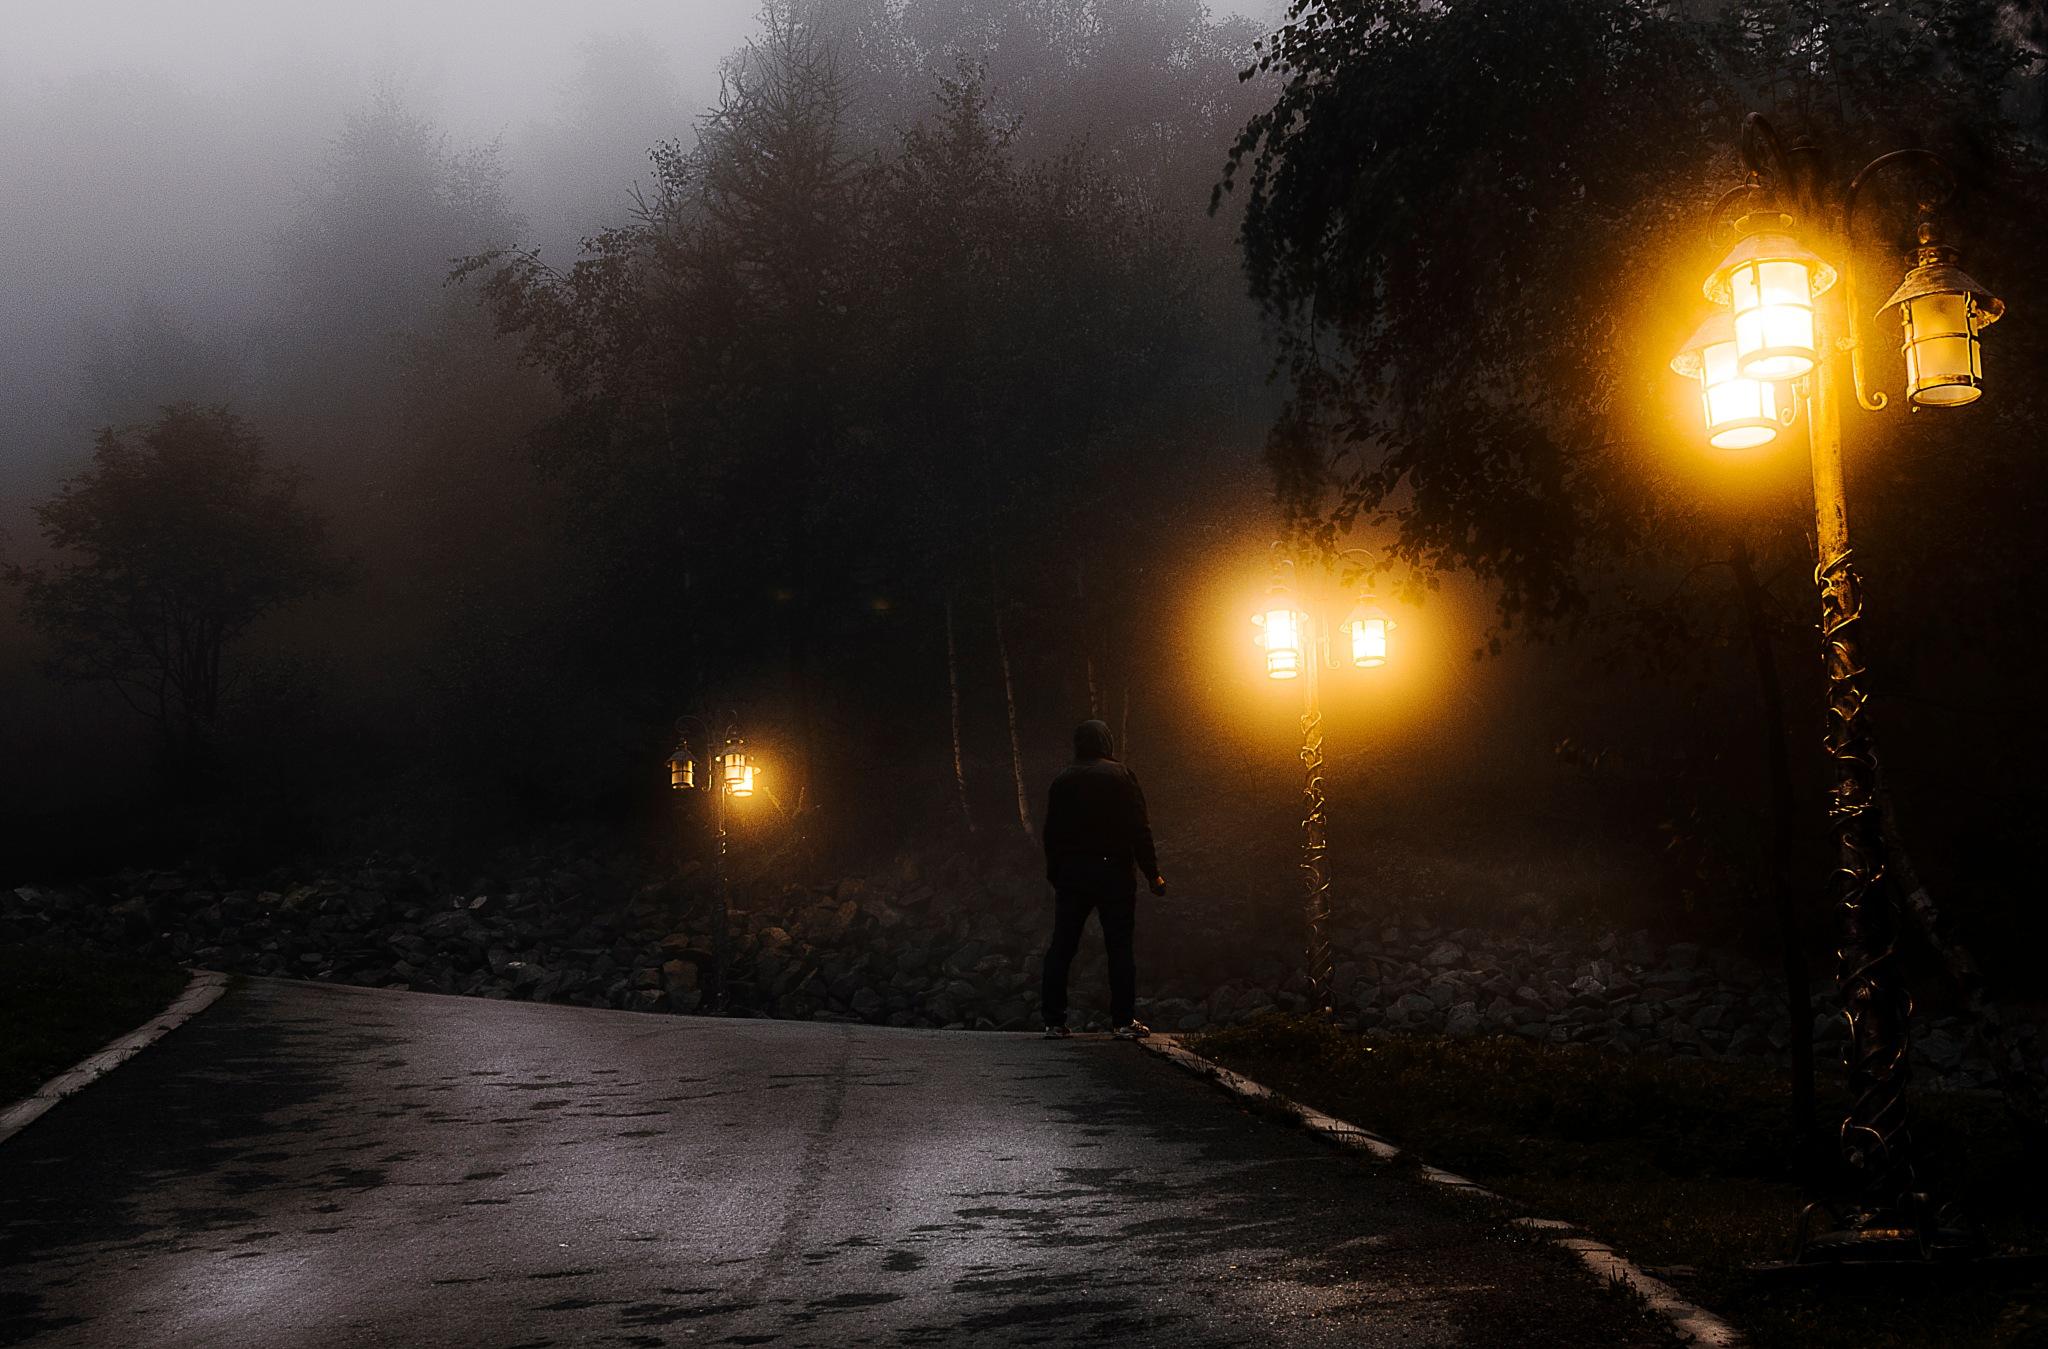 Foggy evening  by krystian7art